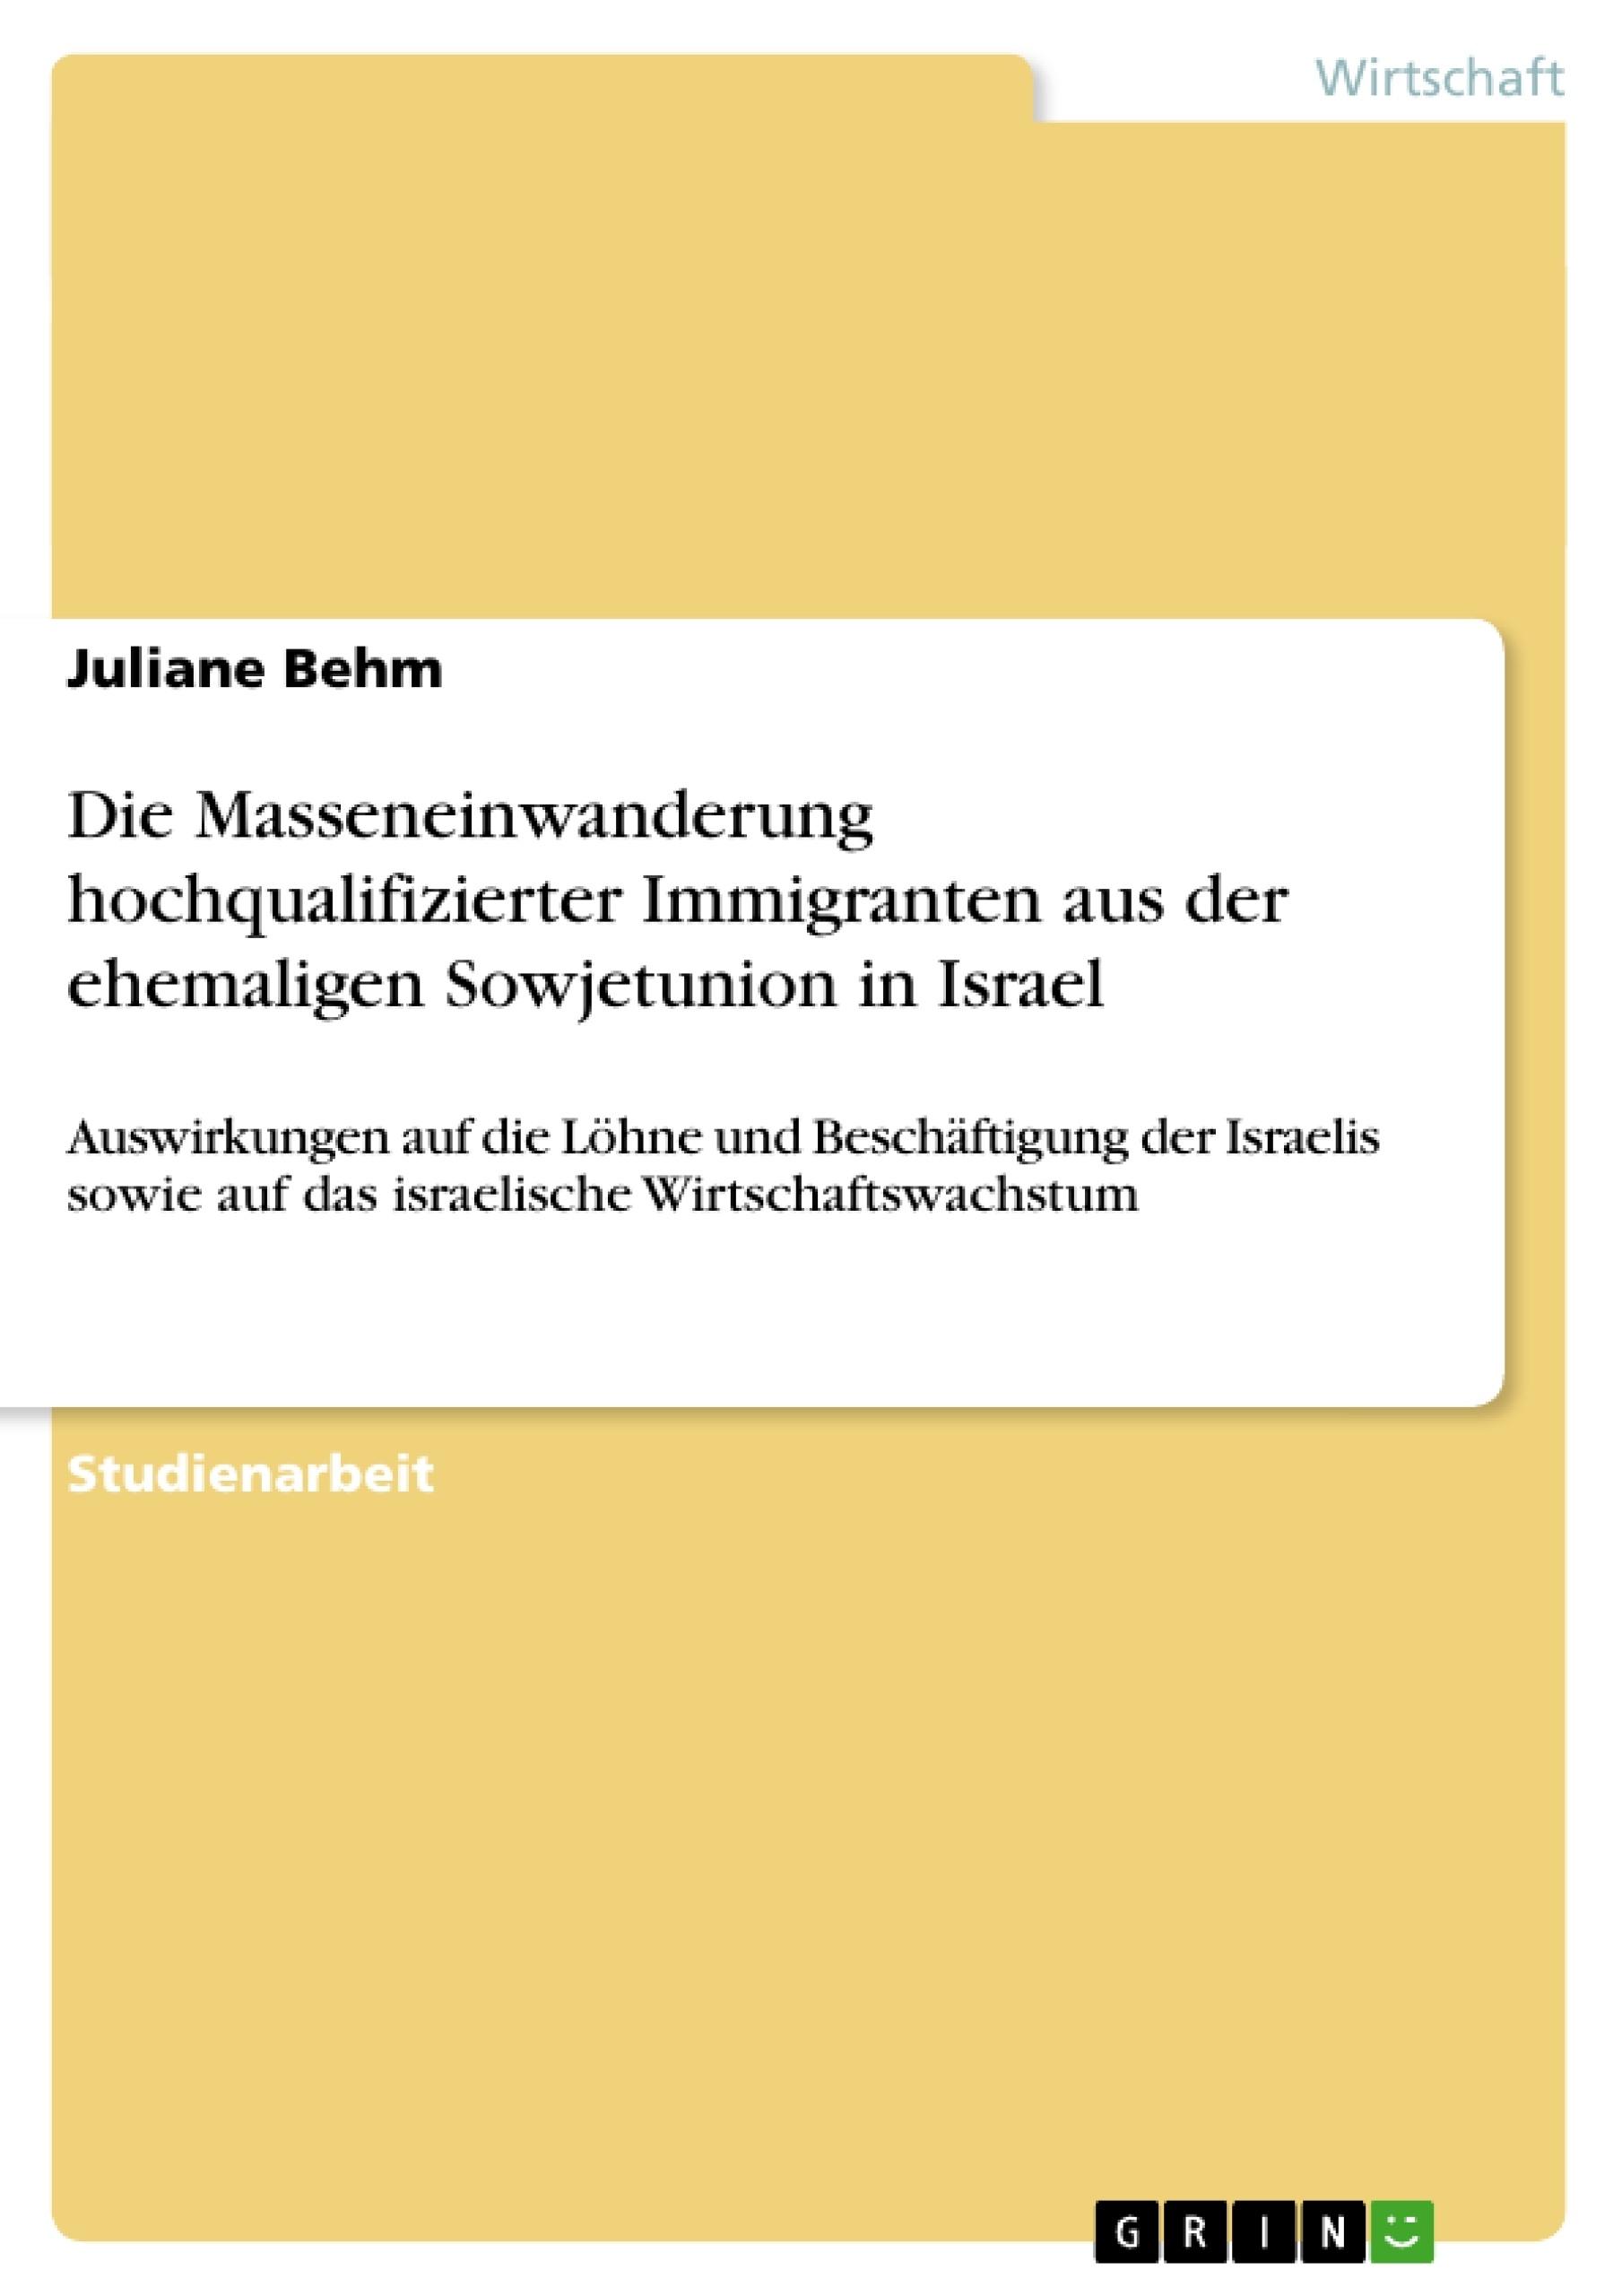 Titel: Die Masseneinwanderung hochqualifizierter Immigranten aus der ehemaligen Sowjetunion in Israel